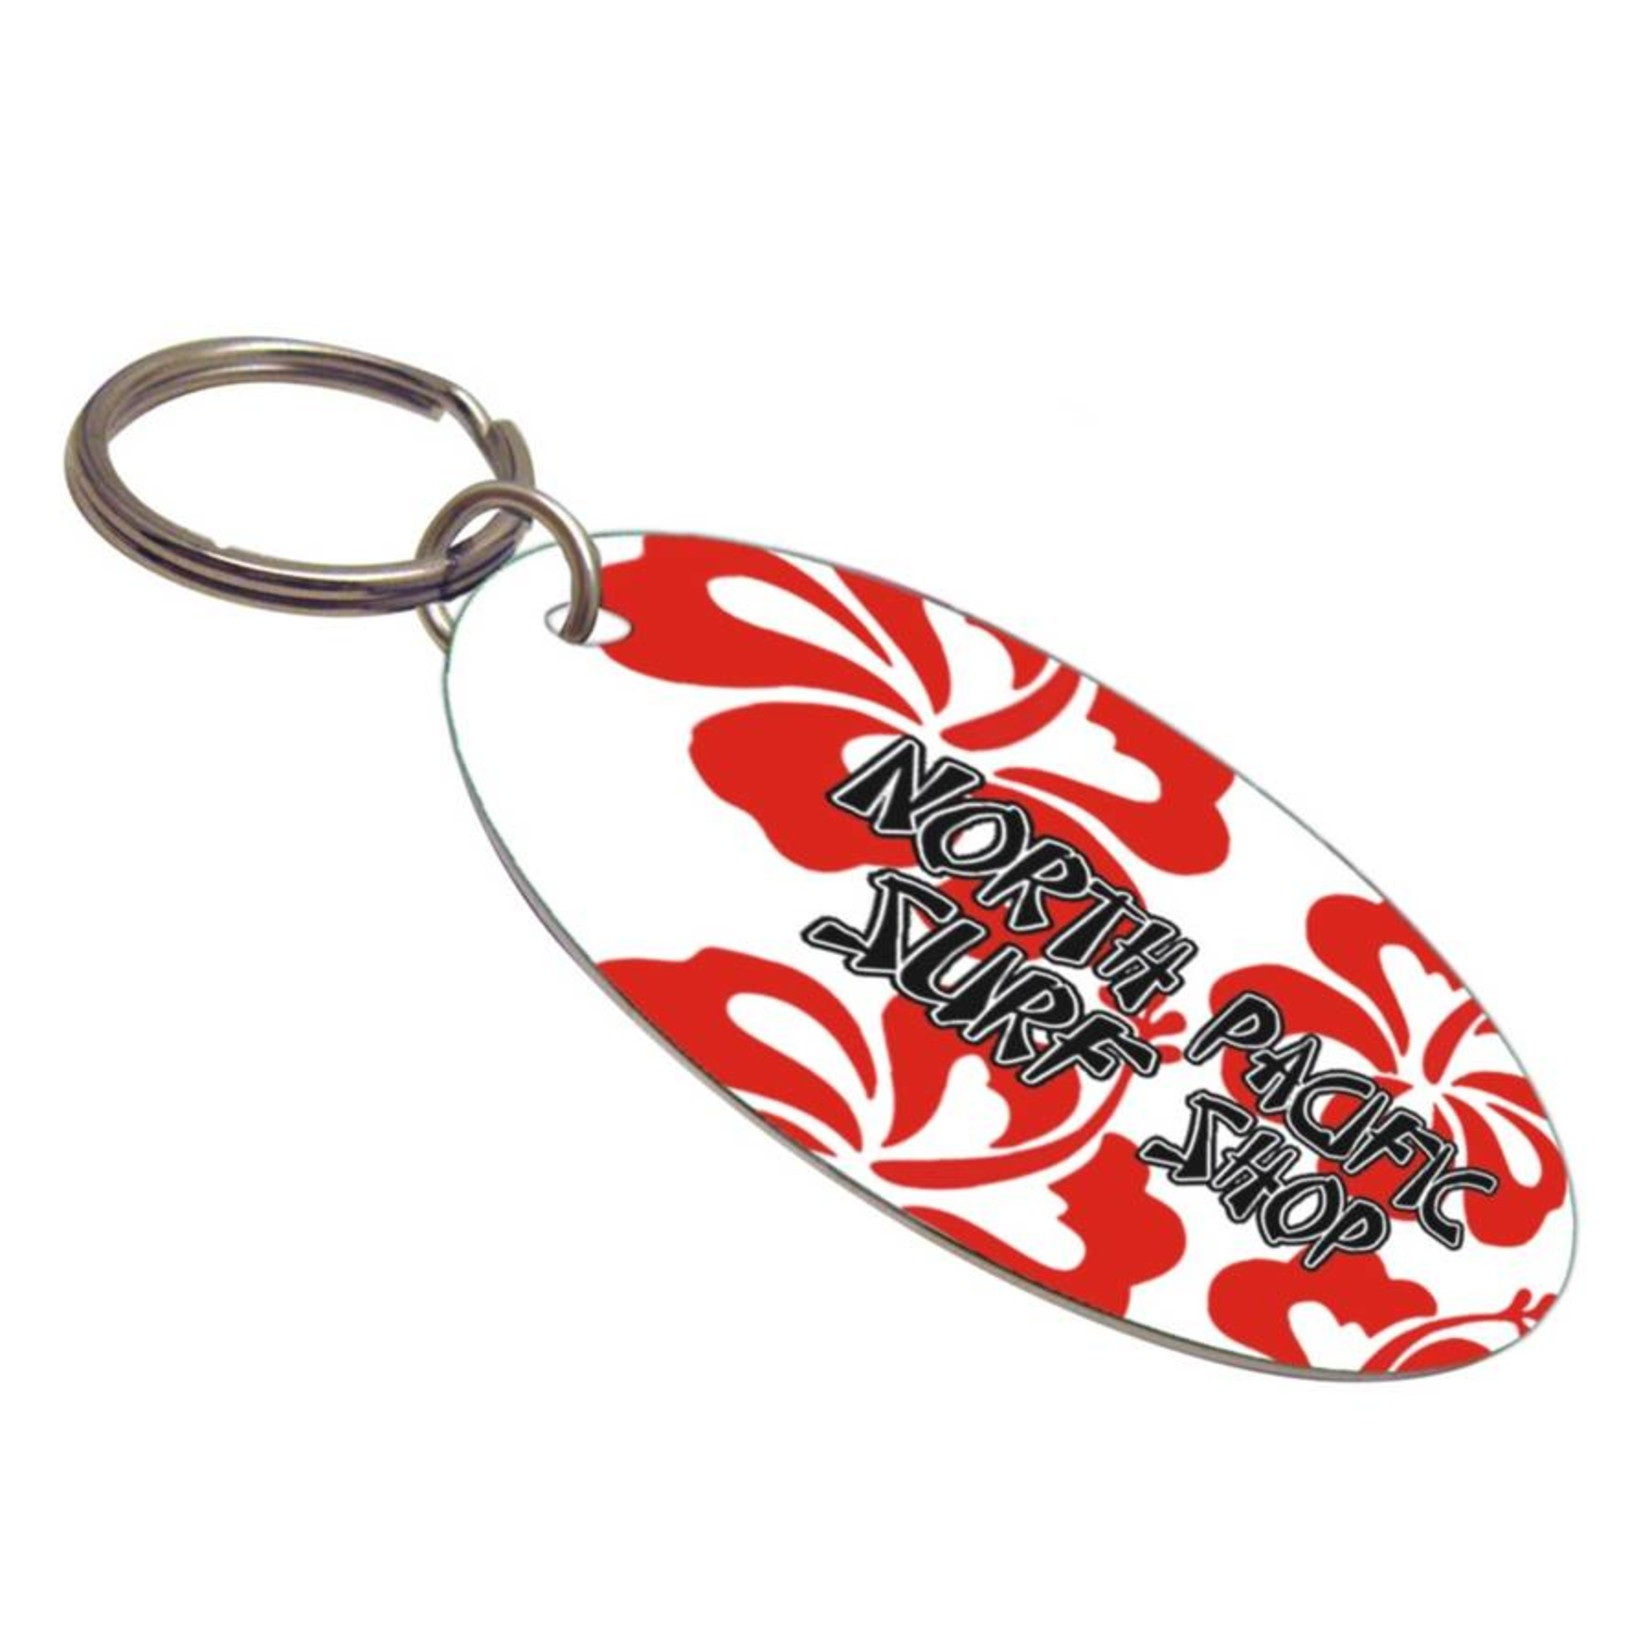 Porte-clés ovale Unisub